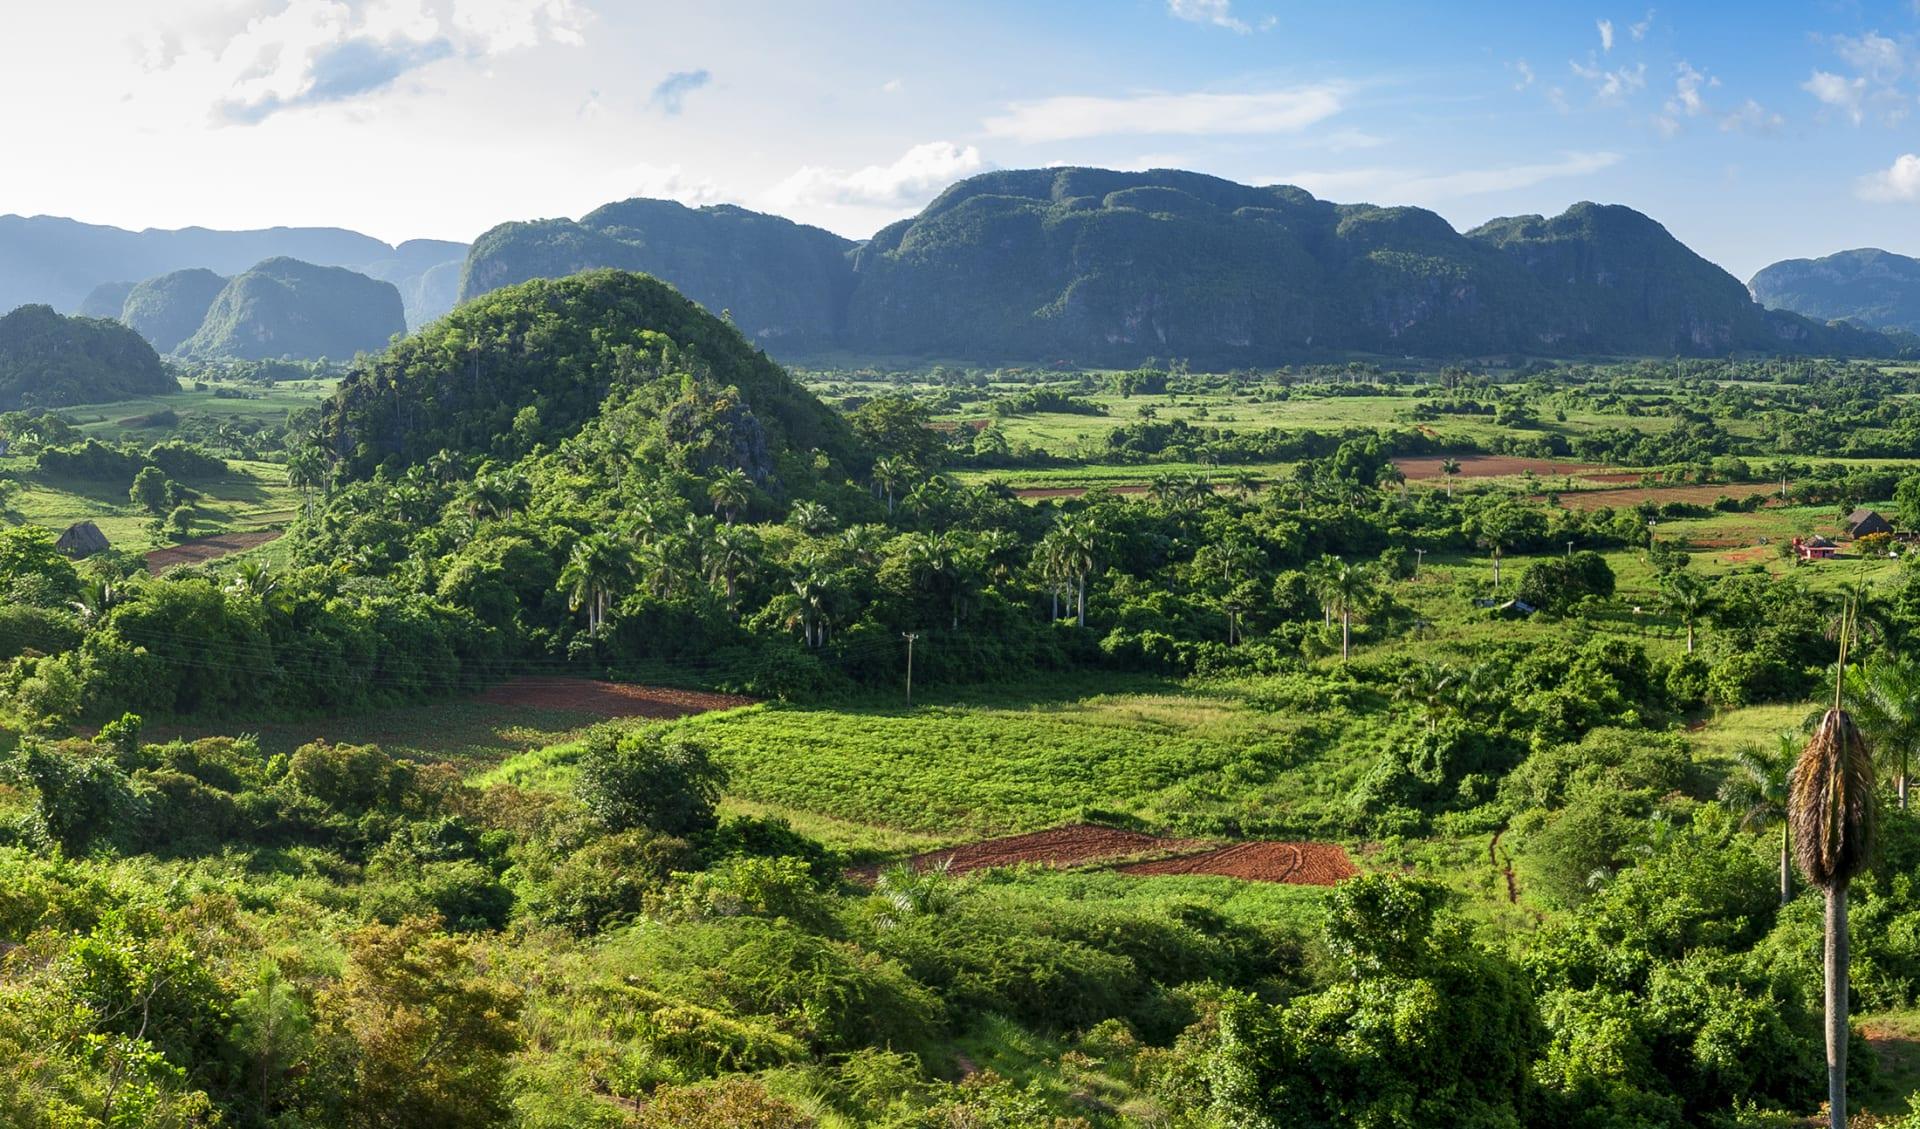 Panoramablick auf das Tal von Vinales, Kuba